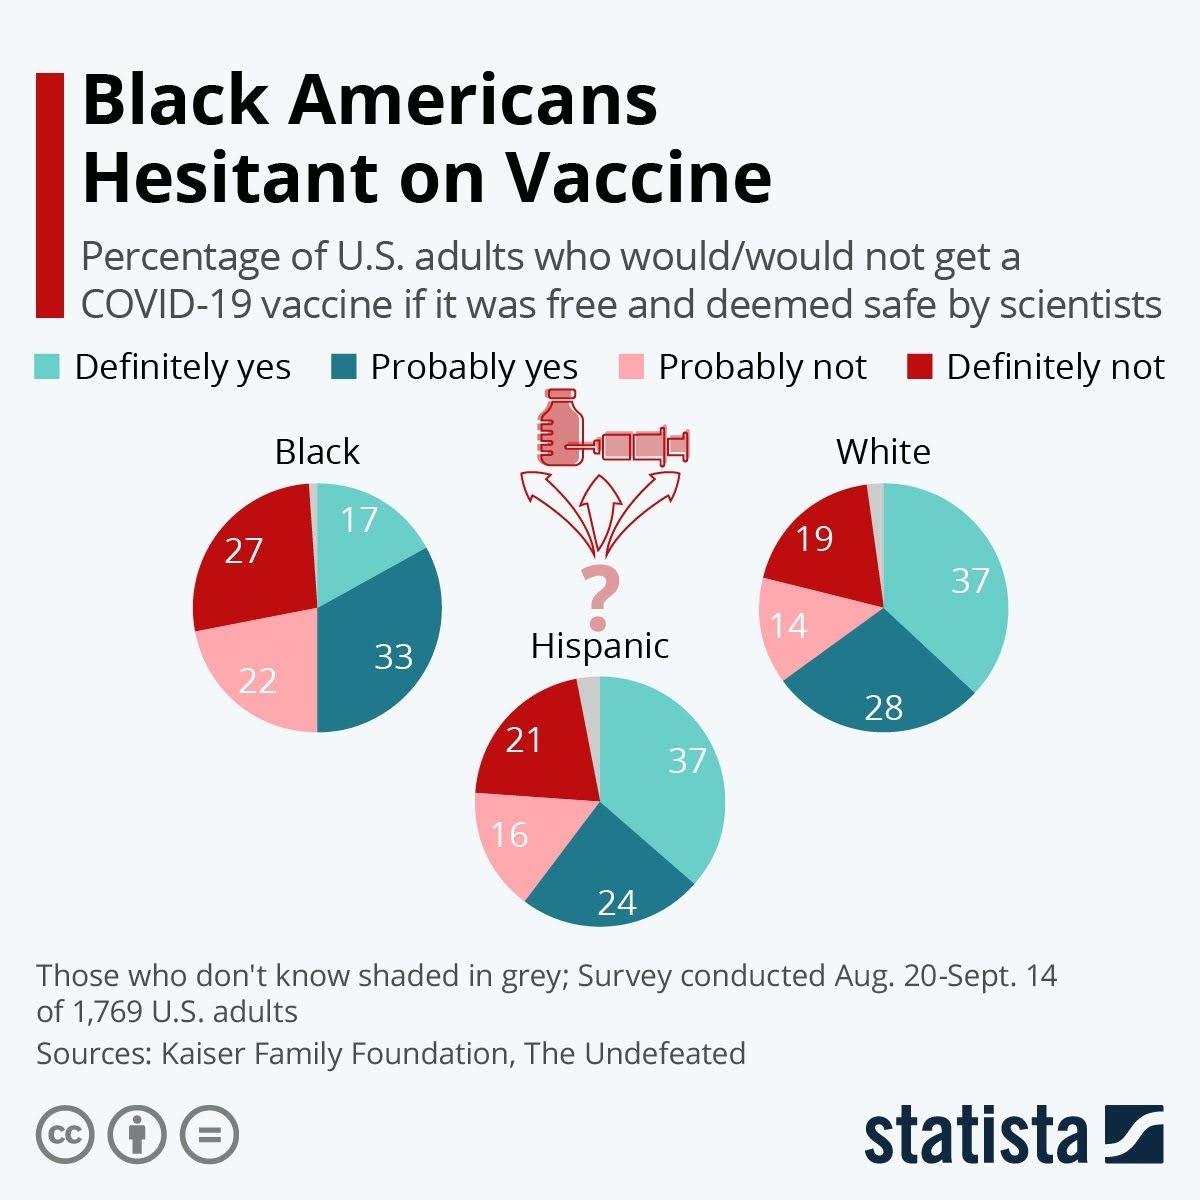 black-americans-hesitant-on-vaccine-infographic